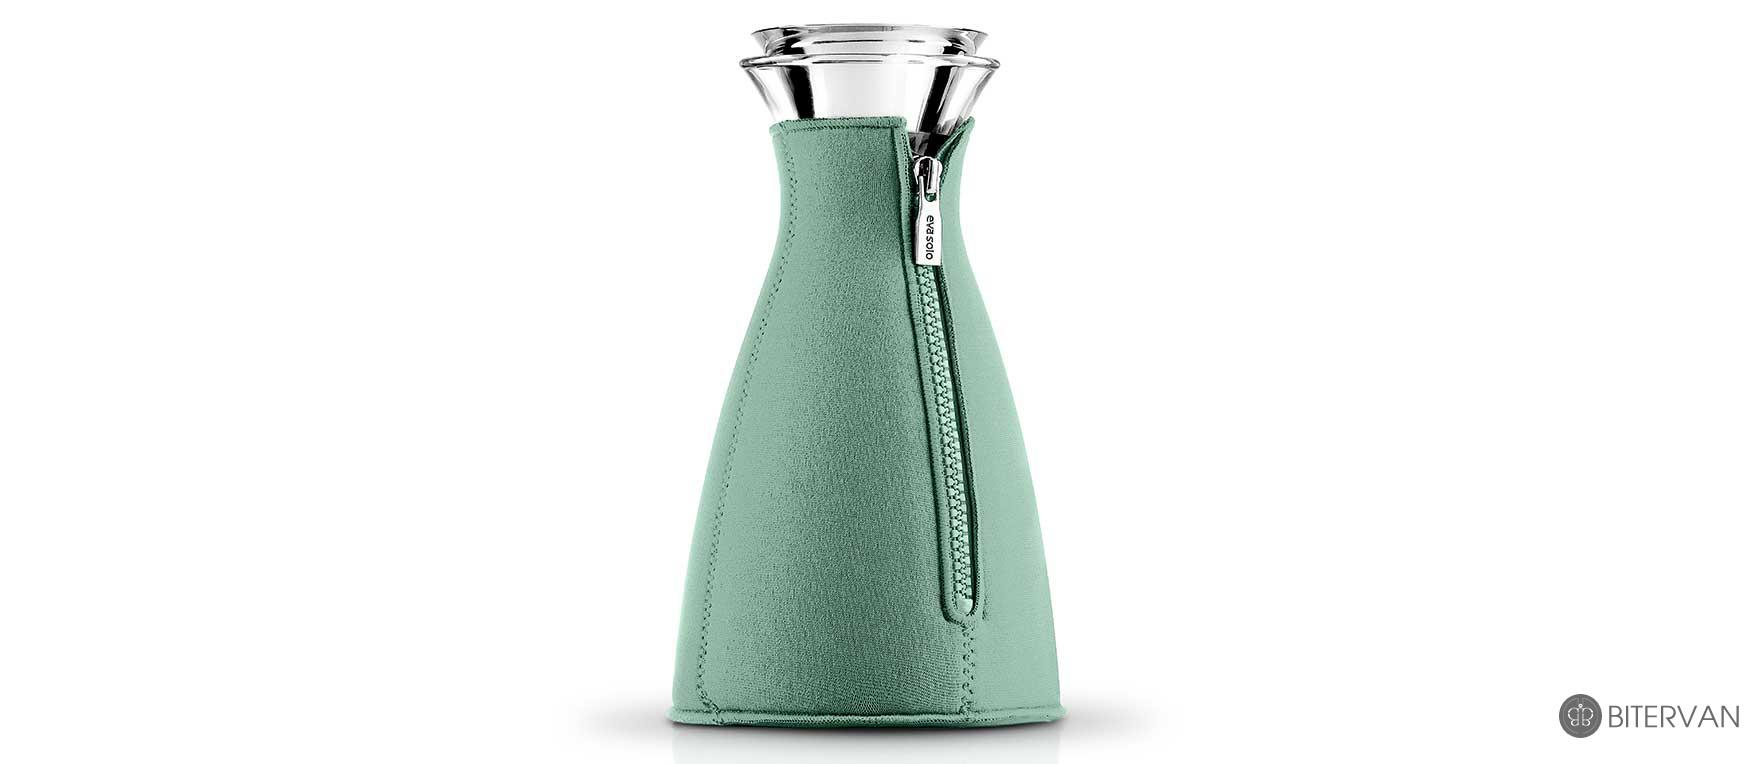 eva solo cafe solo coffee maker neoprene cover granite green 1.0 l